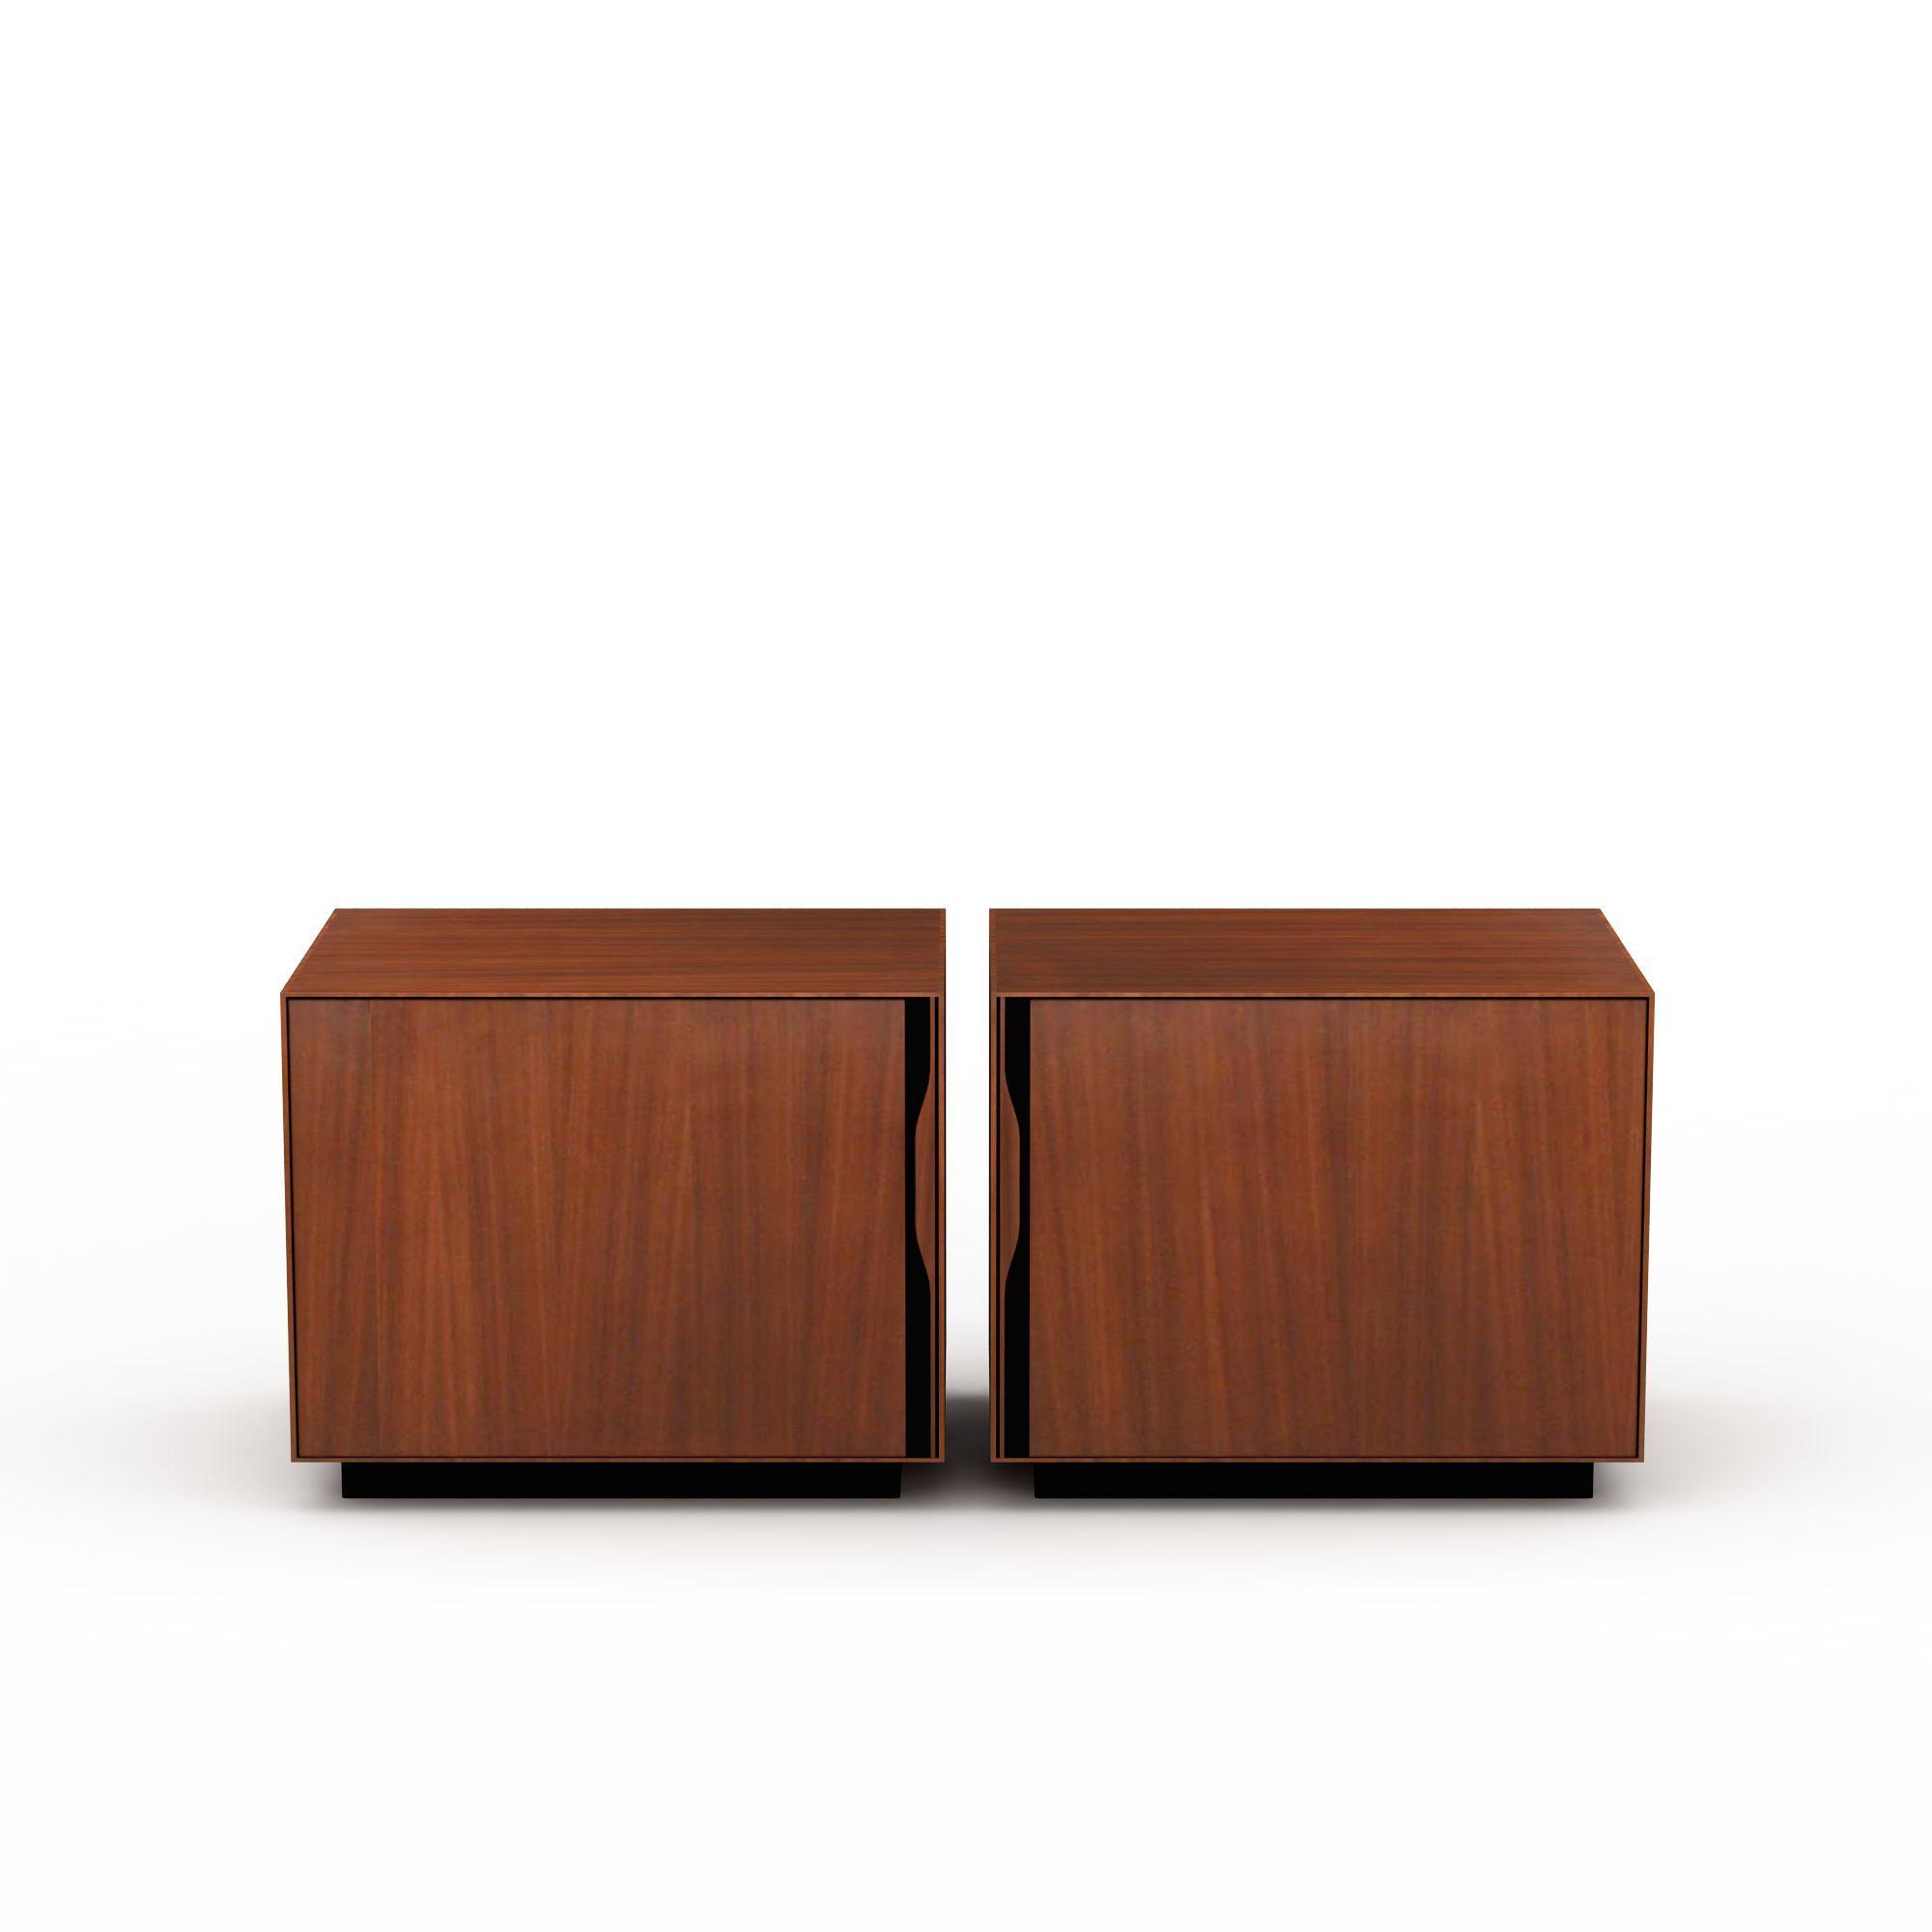 中式木质柜子图片_中式木质柜子png图片素材